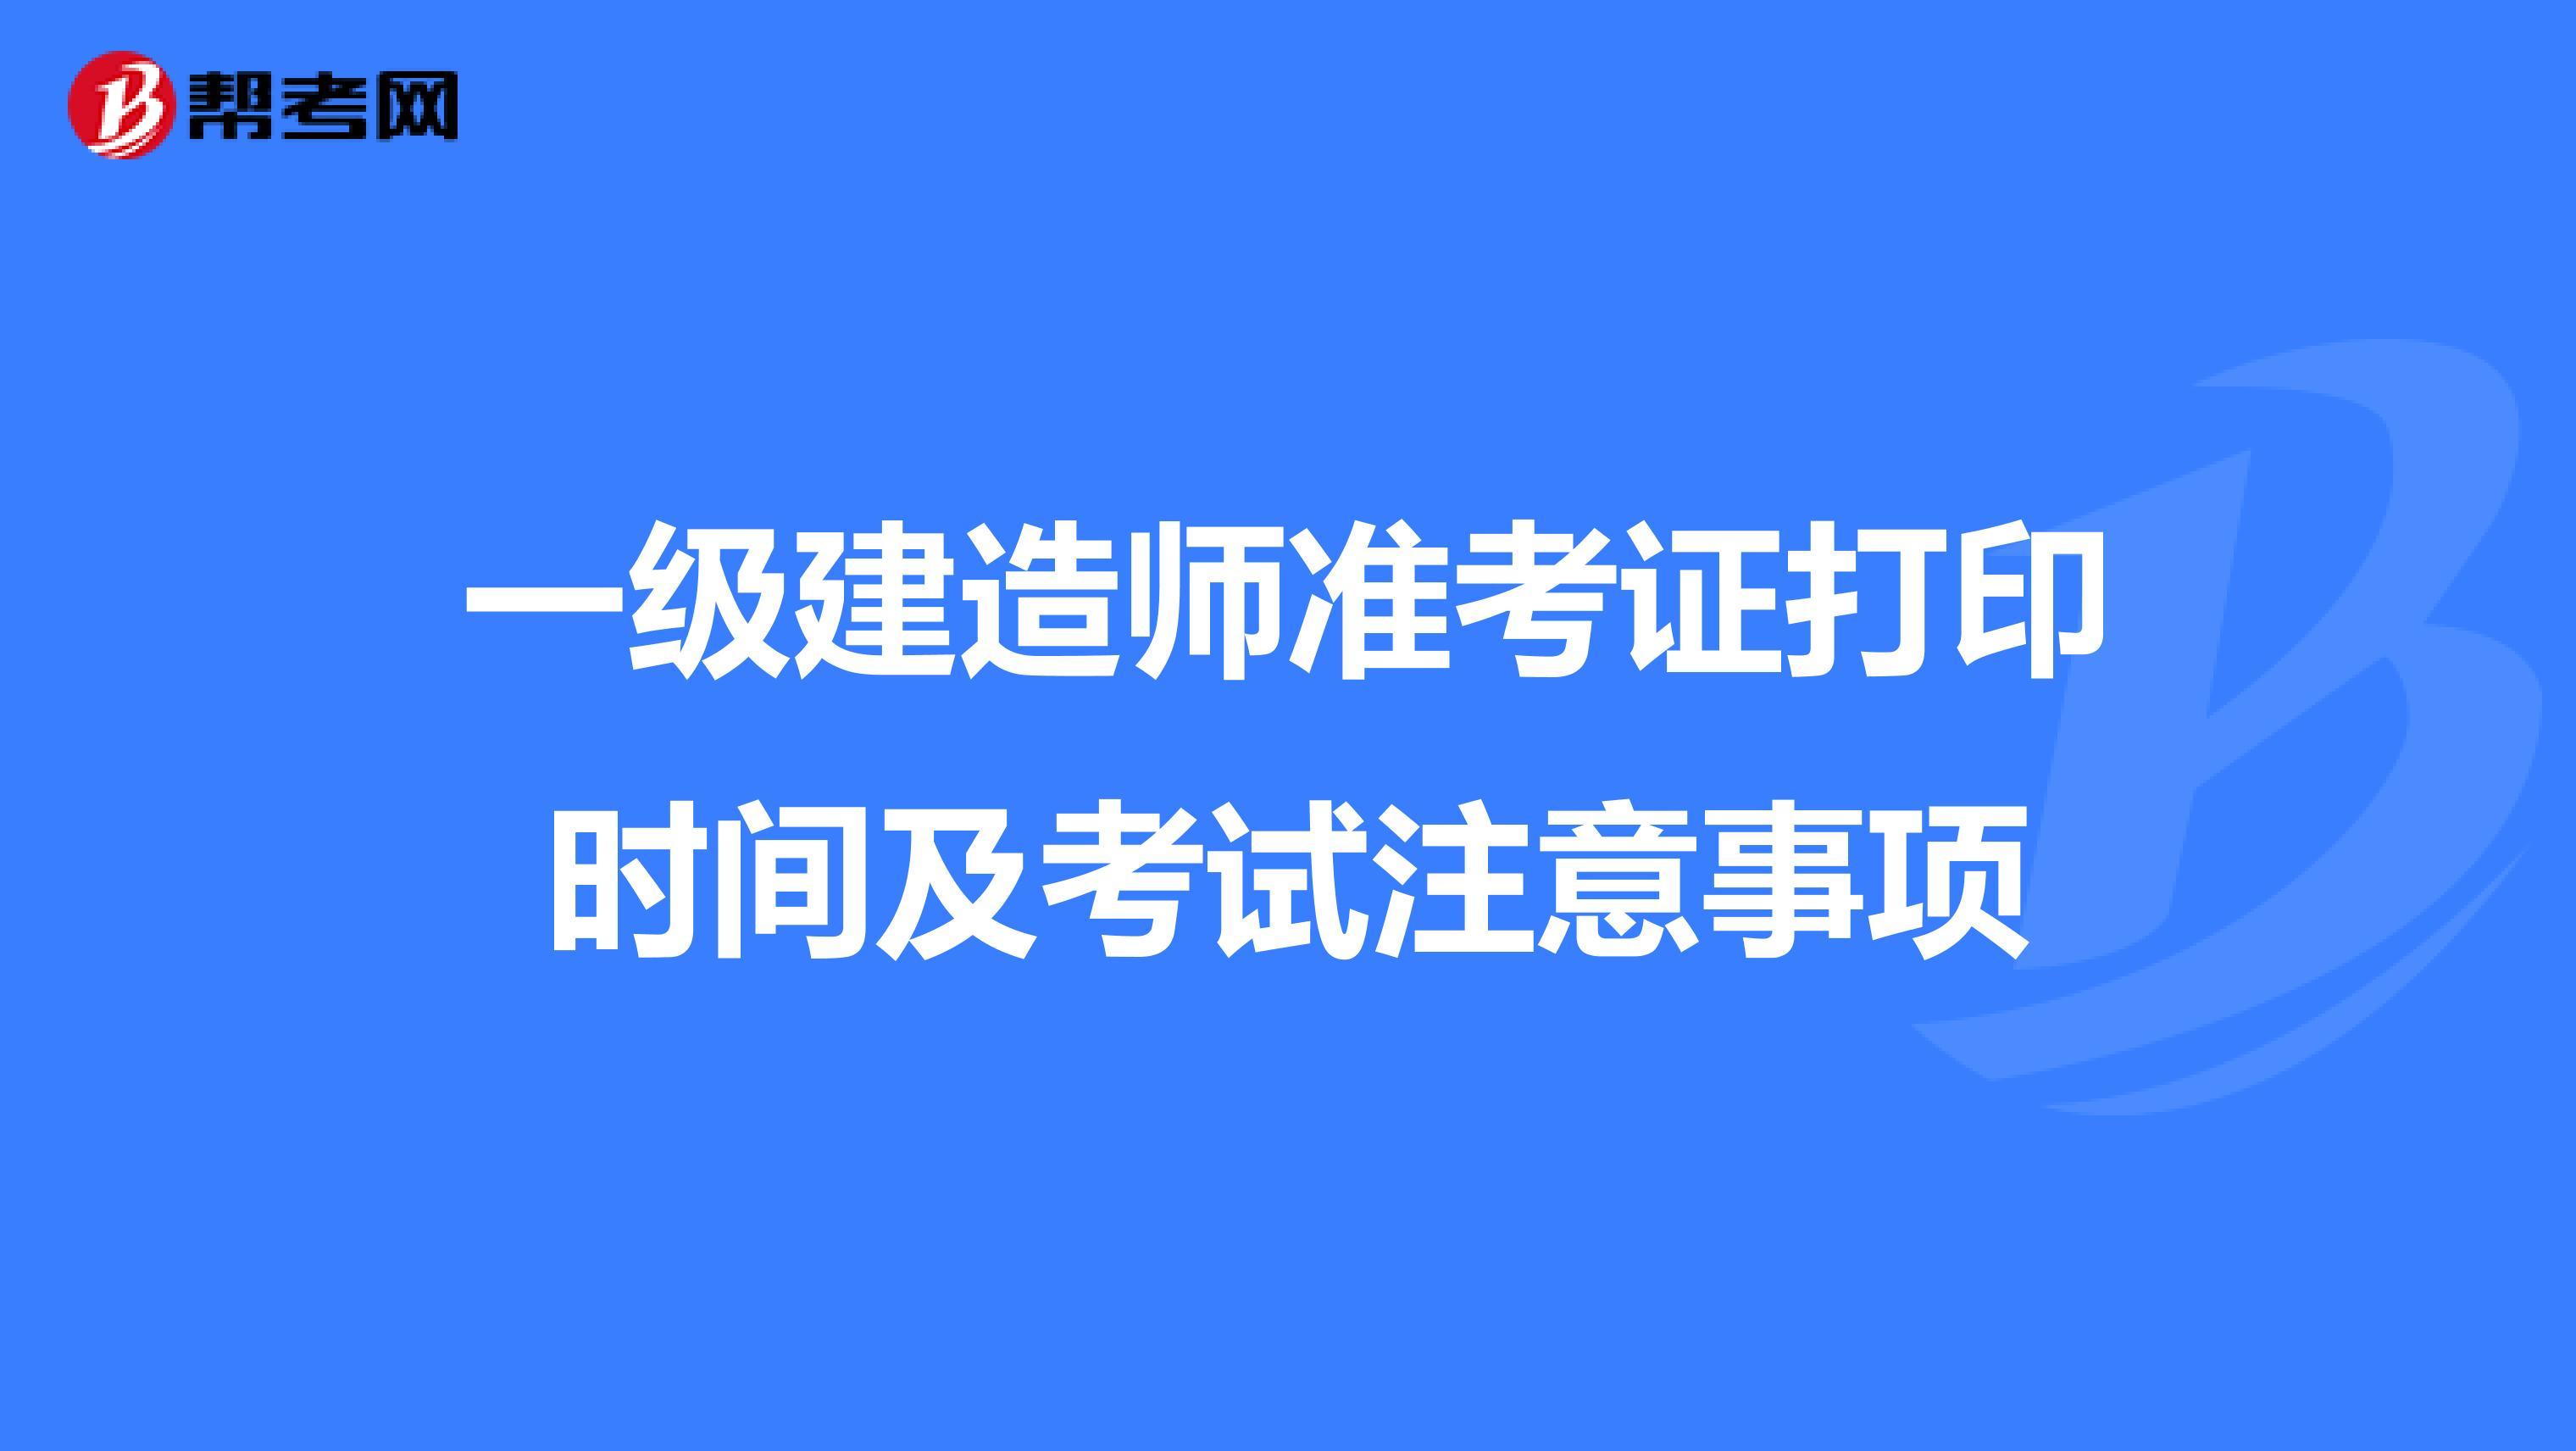 山西一级建造师准考证打印9月18日截止